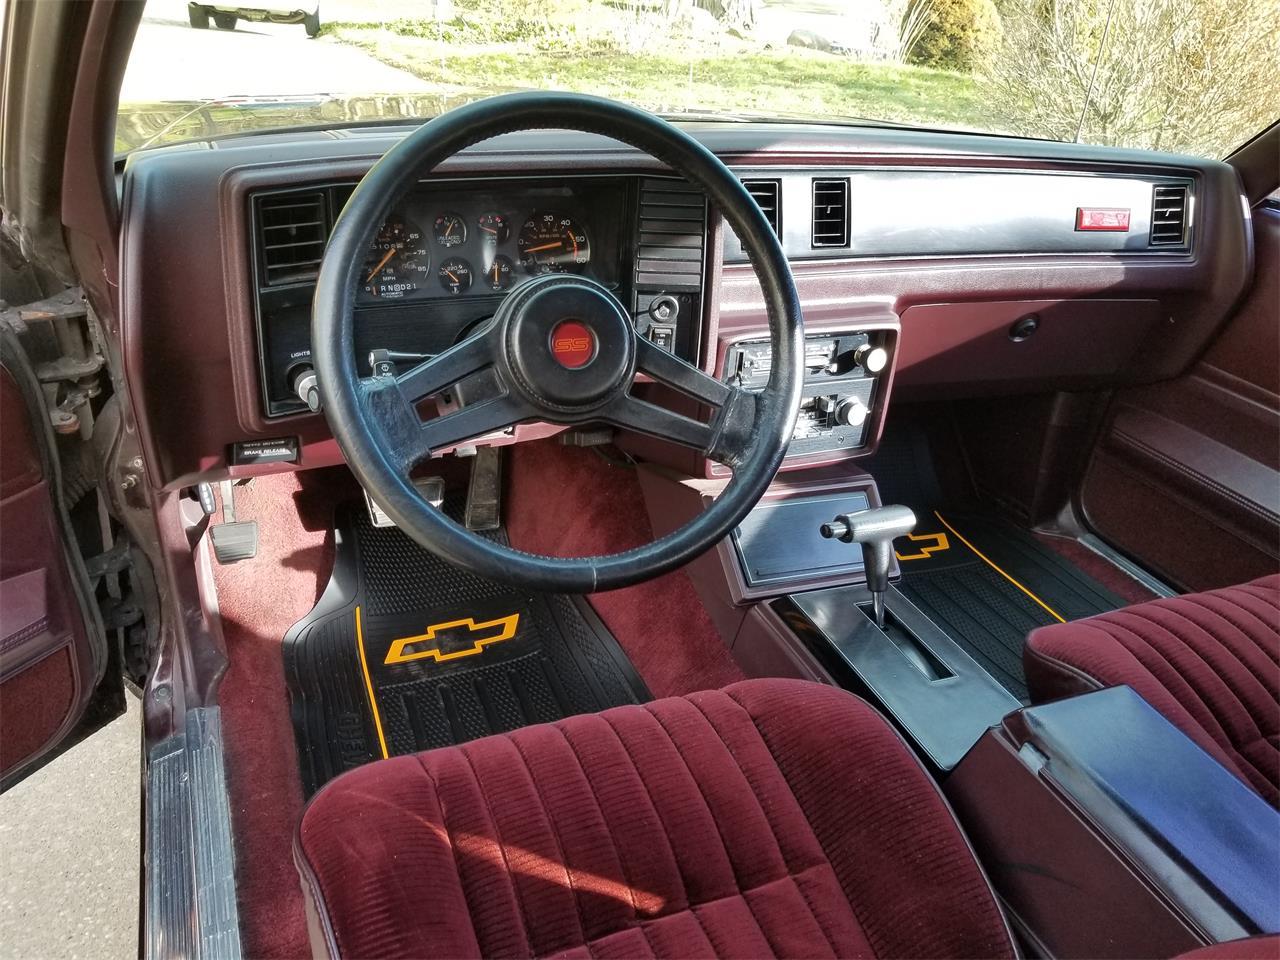 For Sale: 1985 Chevrolet Monte Carlo SS in North Royalton, Ohio